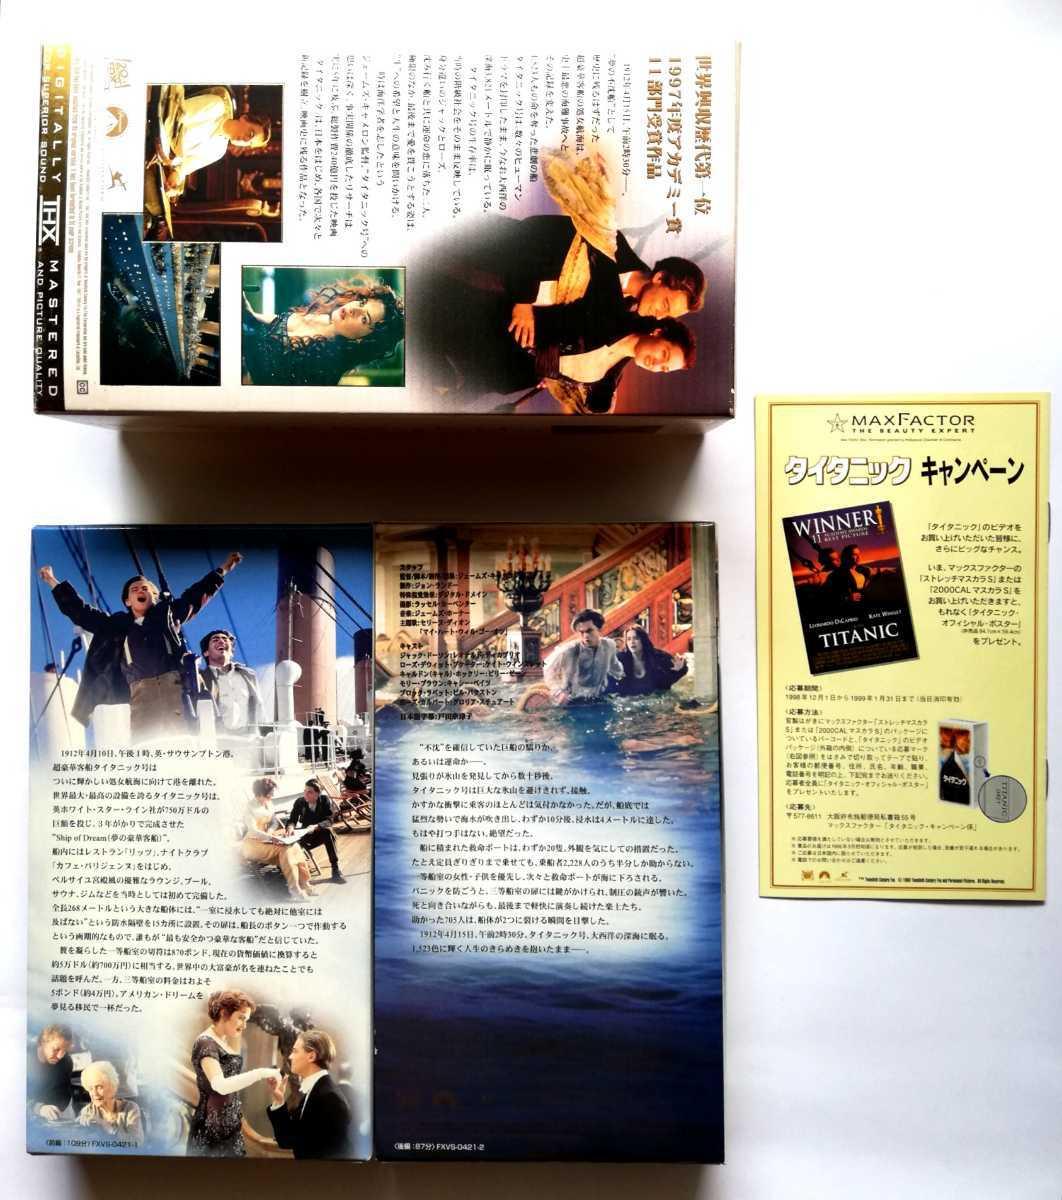 VHS ビデオテープ タイタニック TITANIC 字幕  ジェームズ・キャメロン監督 レオナルド・ディカプリオ ケイト・ウィンスレット _画像8